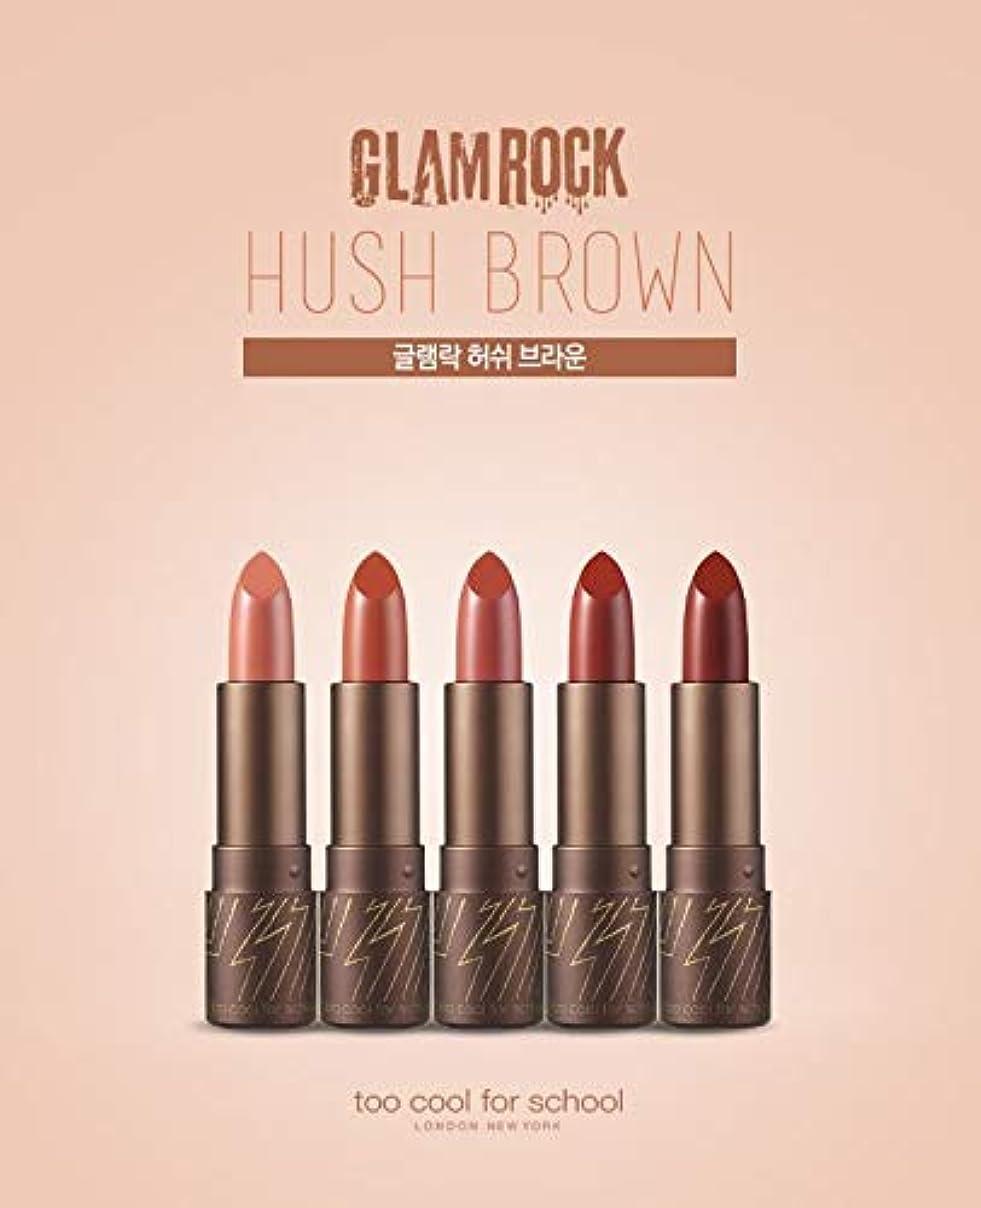 断線独立して天才[too cool for school] GLAMROCK Hush Brown 4.2g /グルレムラクハーシーブラウン (1号 Mute/ミュート) [並行輸入品]